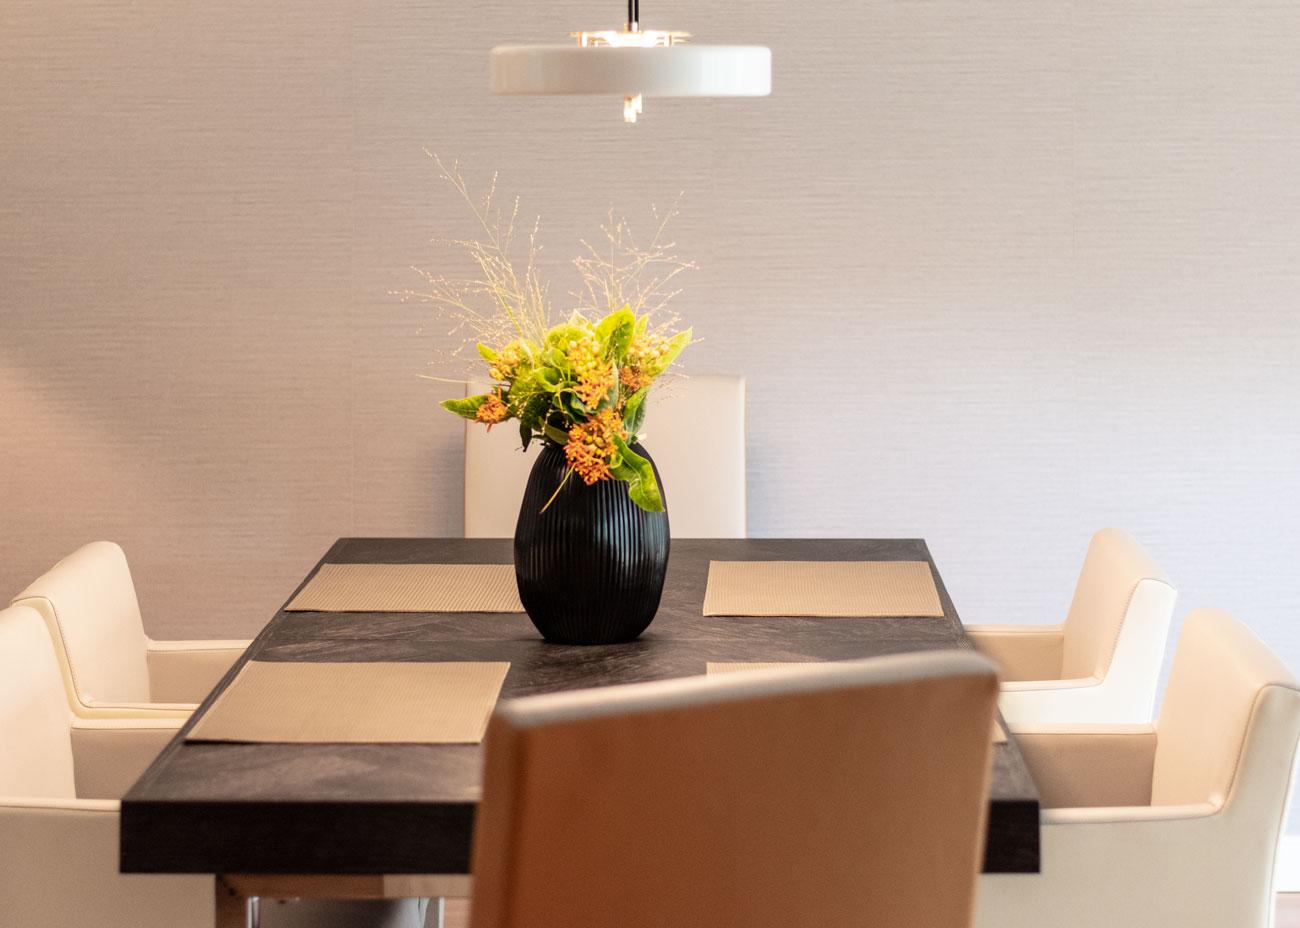 haus renovieren ideen essbereich tisch schwarz stühle weiss vase mit blumen tapete wand